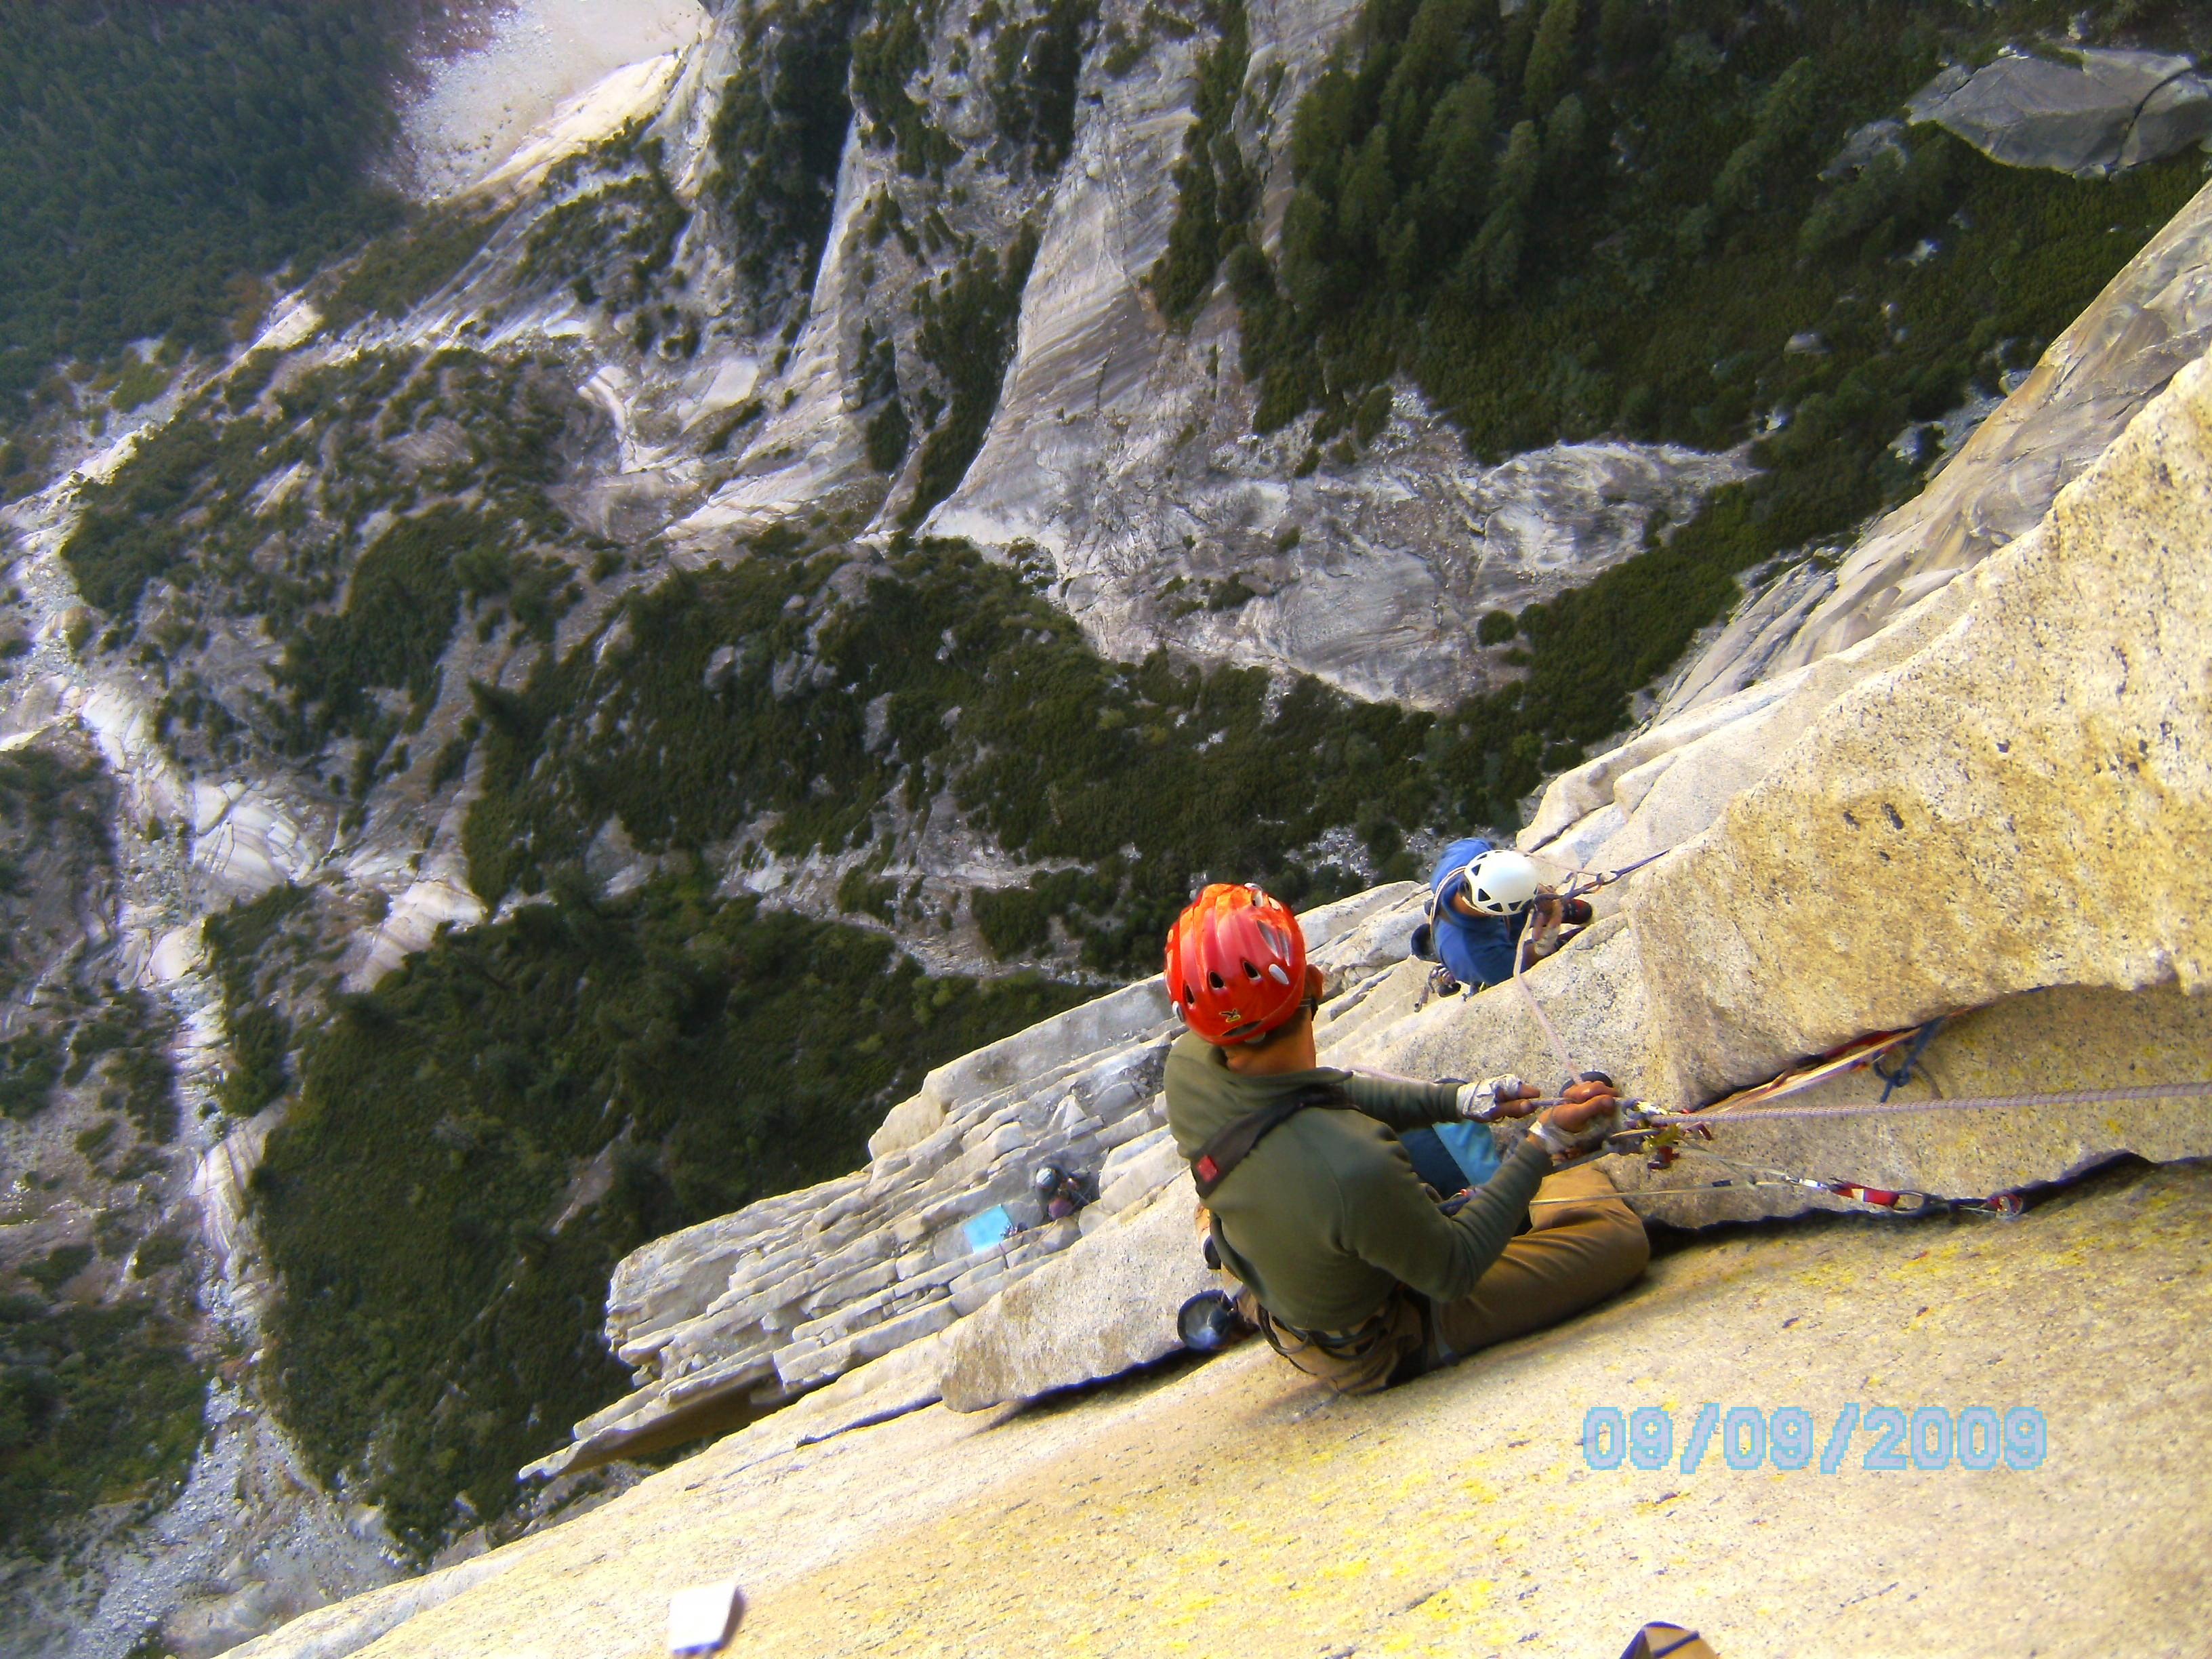 Klettergurt Für Halle Und Klettersteig : Klettersteig premiere besser klein anfangen reise süddeutsche